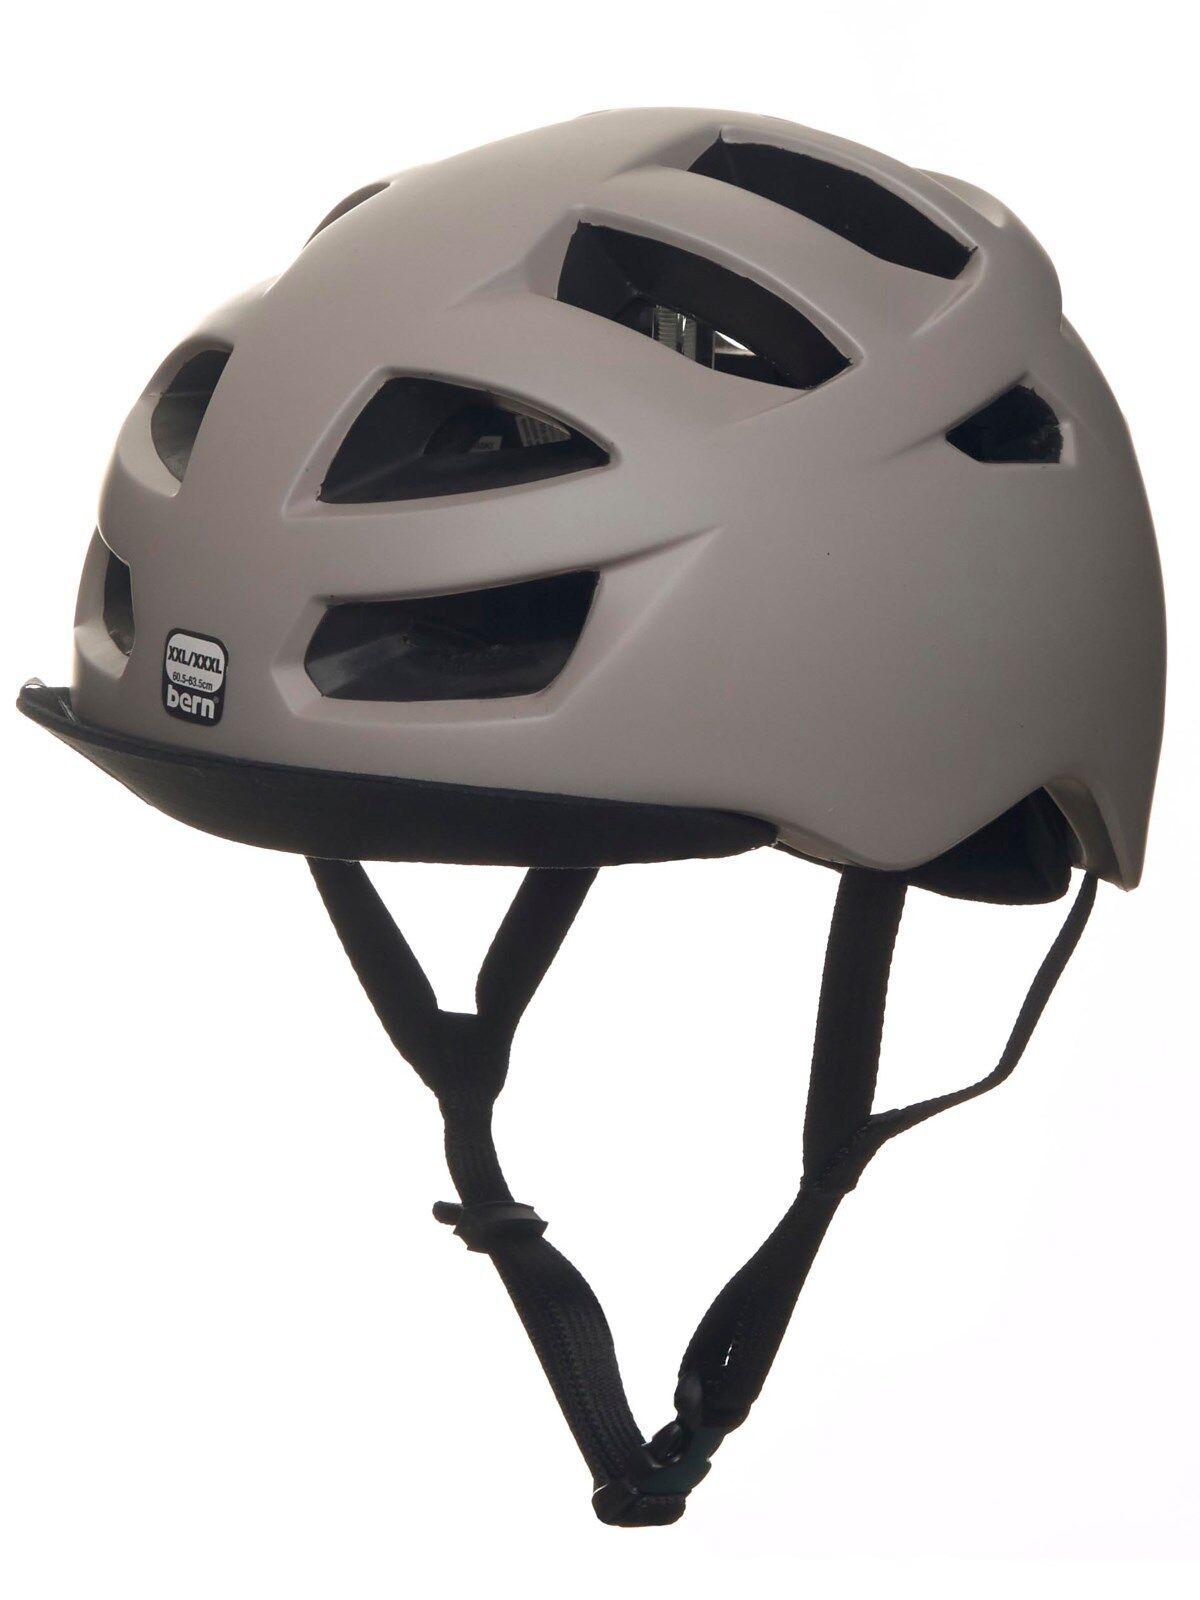 Bern Allston Zipmold Bicicletta Boa Casco Matte Grigio Sabbia SM LXL XXLXXXL